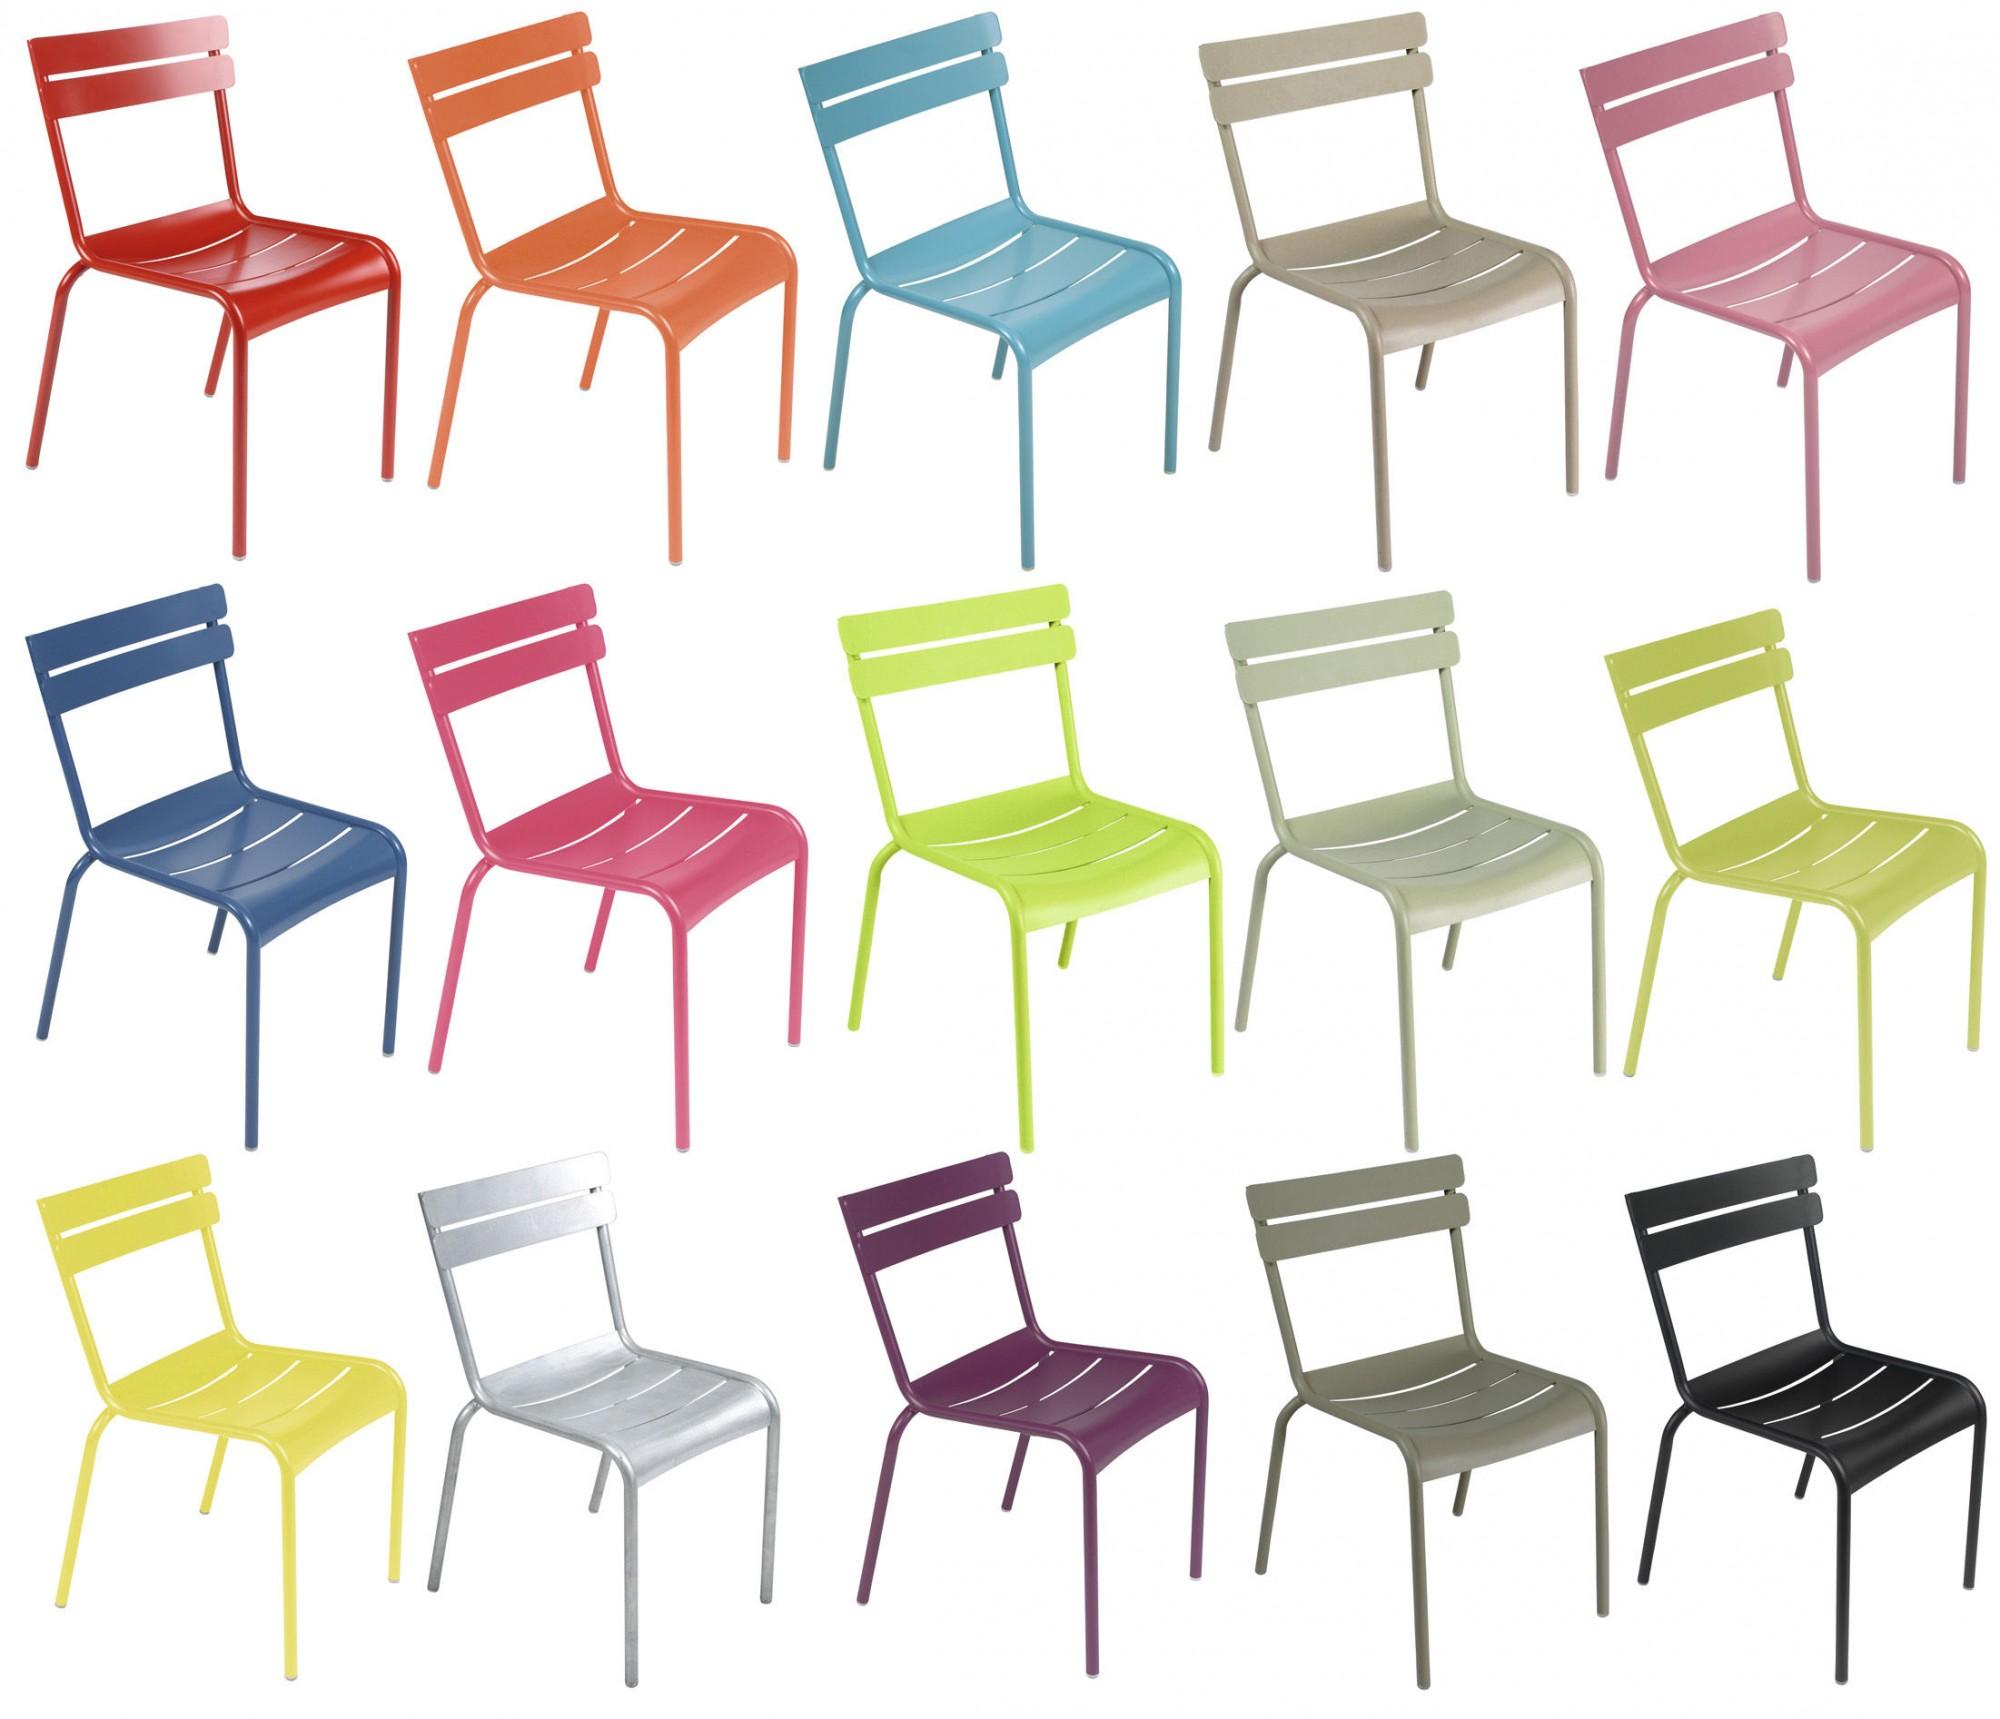 Meuble Salle De Bain Tunisie : … achat et la vente de meubles produits de la décoration intérieure et